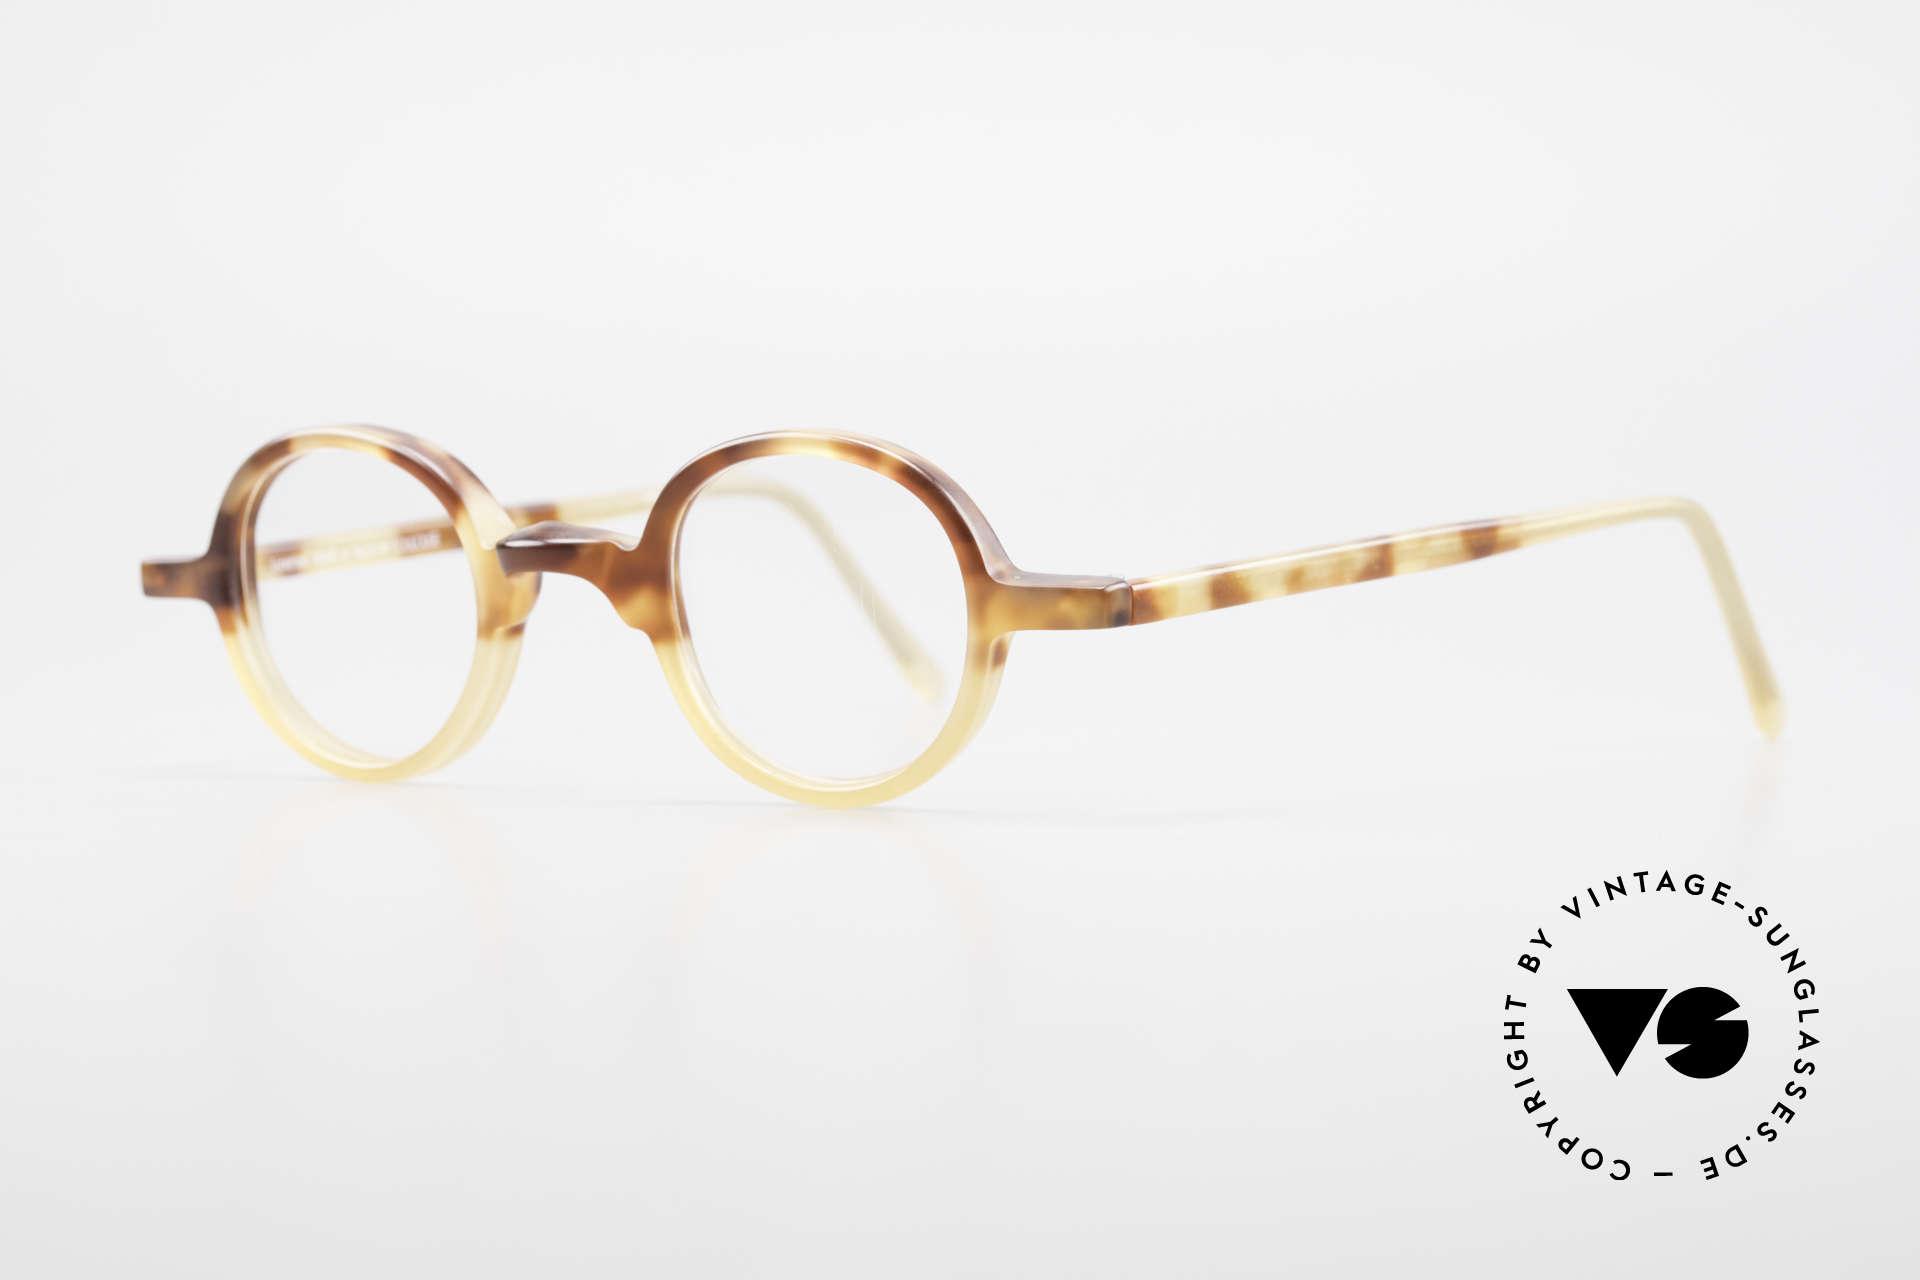 Anne Et Valentin Albert Runde Alte 80er Vintage Brille, kreieren und leben seit 1980 für ihre eigene Kollektion, Passend für Herren und Damen